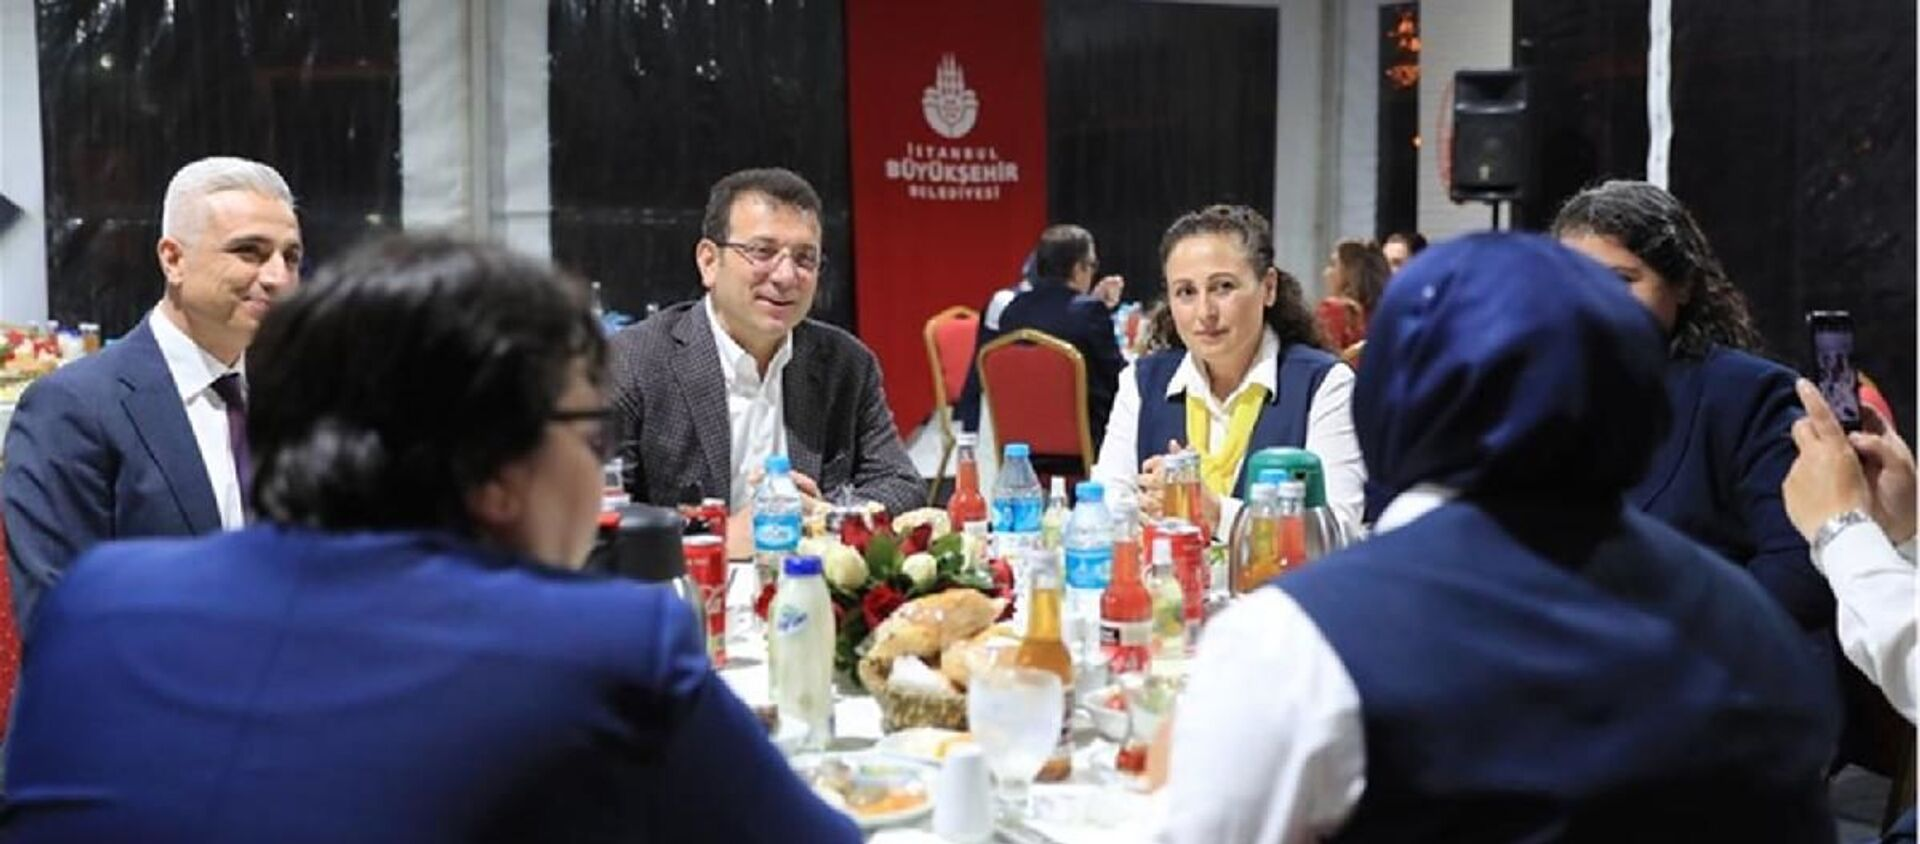 İstanbul Büyükşehir Belediye (İBB) Başkanı Ekrem İmamoğlu, iftarını, İETT'de görev yapan 27 kadın şoför ile birlikte yaptı. - Sputnik Türkiye, 1920, 28.04.2021